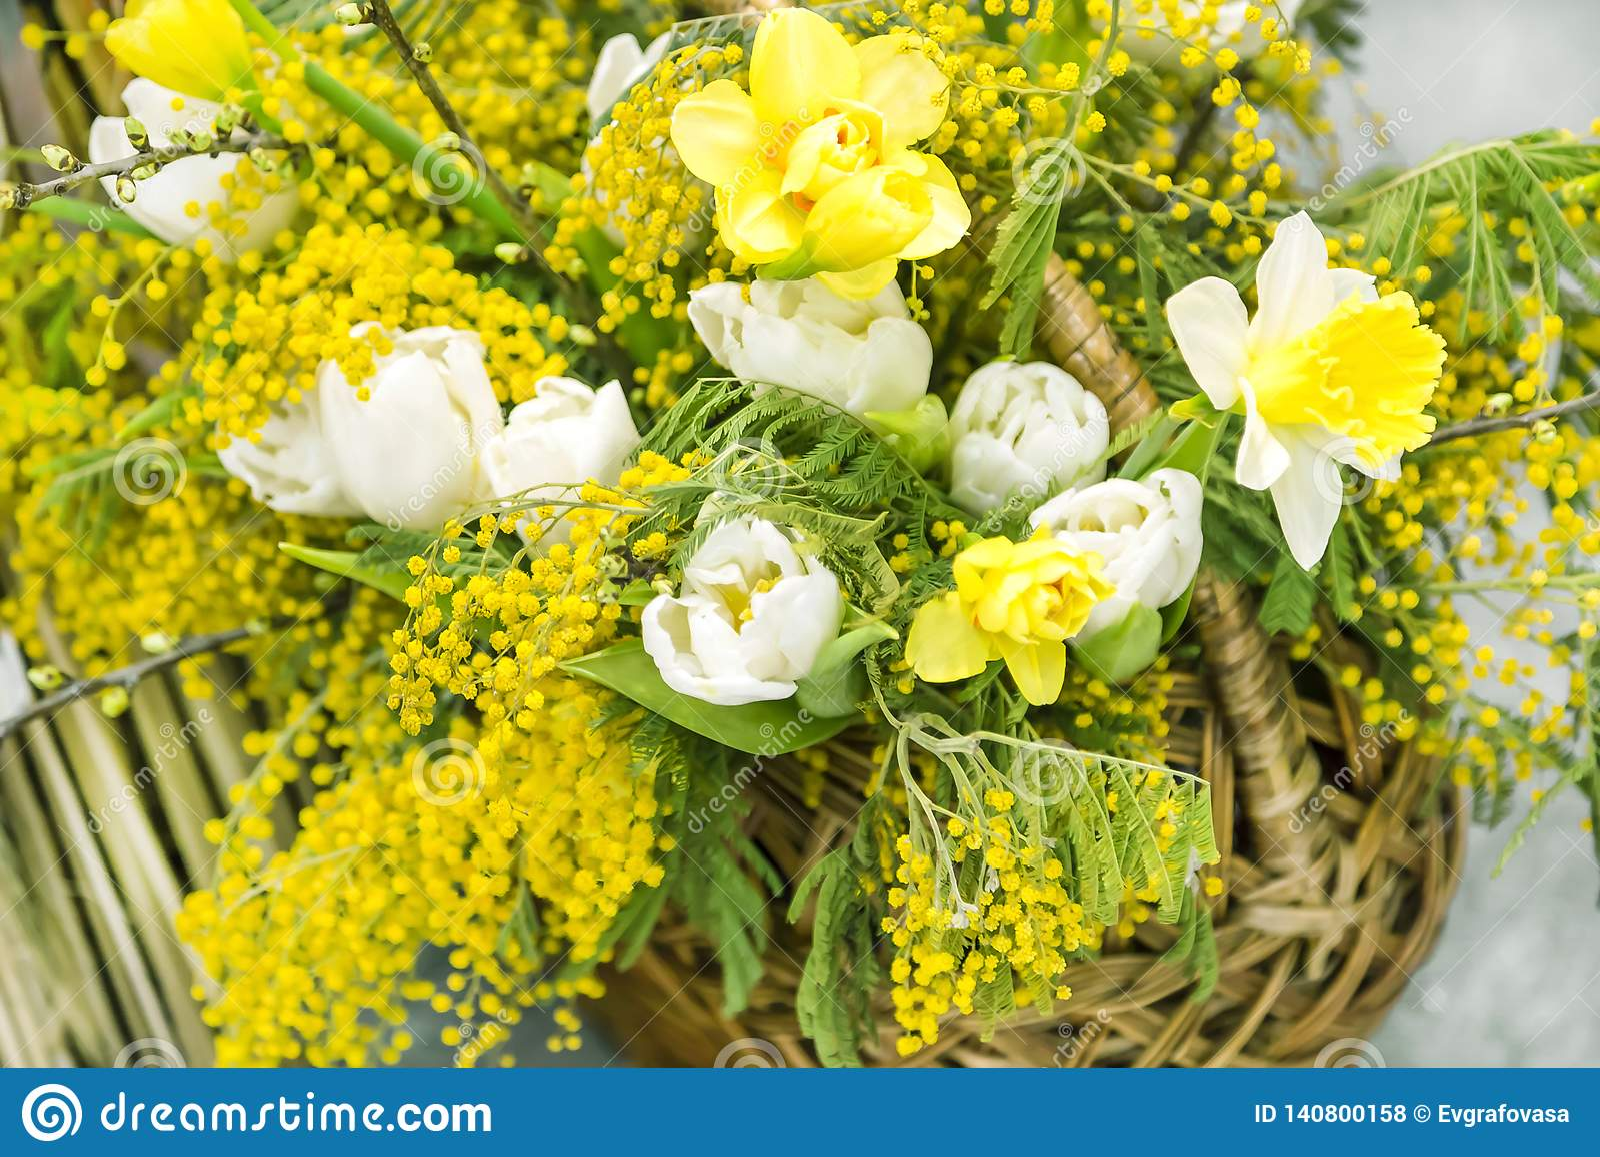 De lente geel boeket in een mand voor de Dag van de Internationale Vrouwen op eigh van Maart van mimosa witte tulpen en gele narc